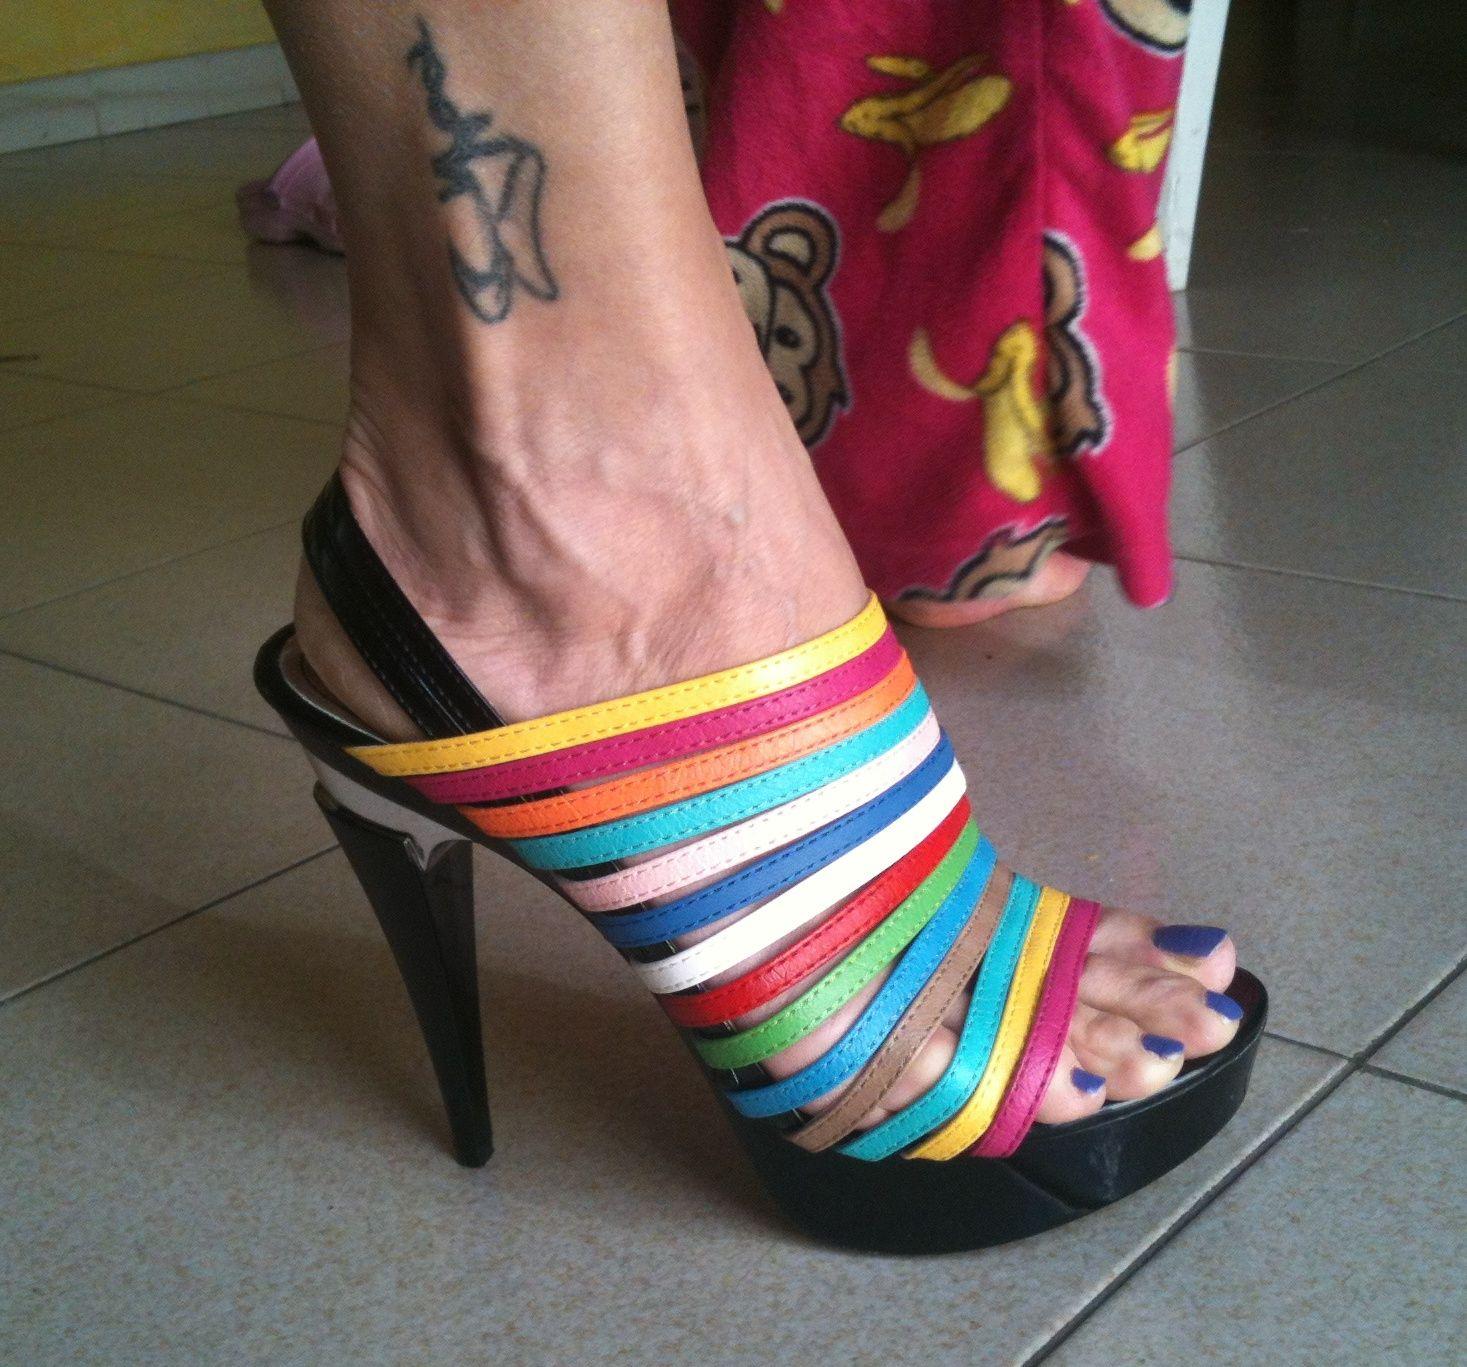 piedi tatuati immagini - Cerca con Google